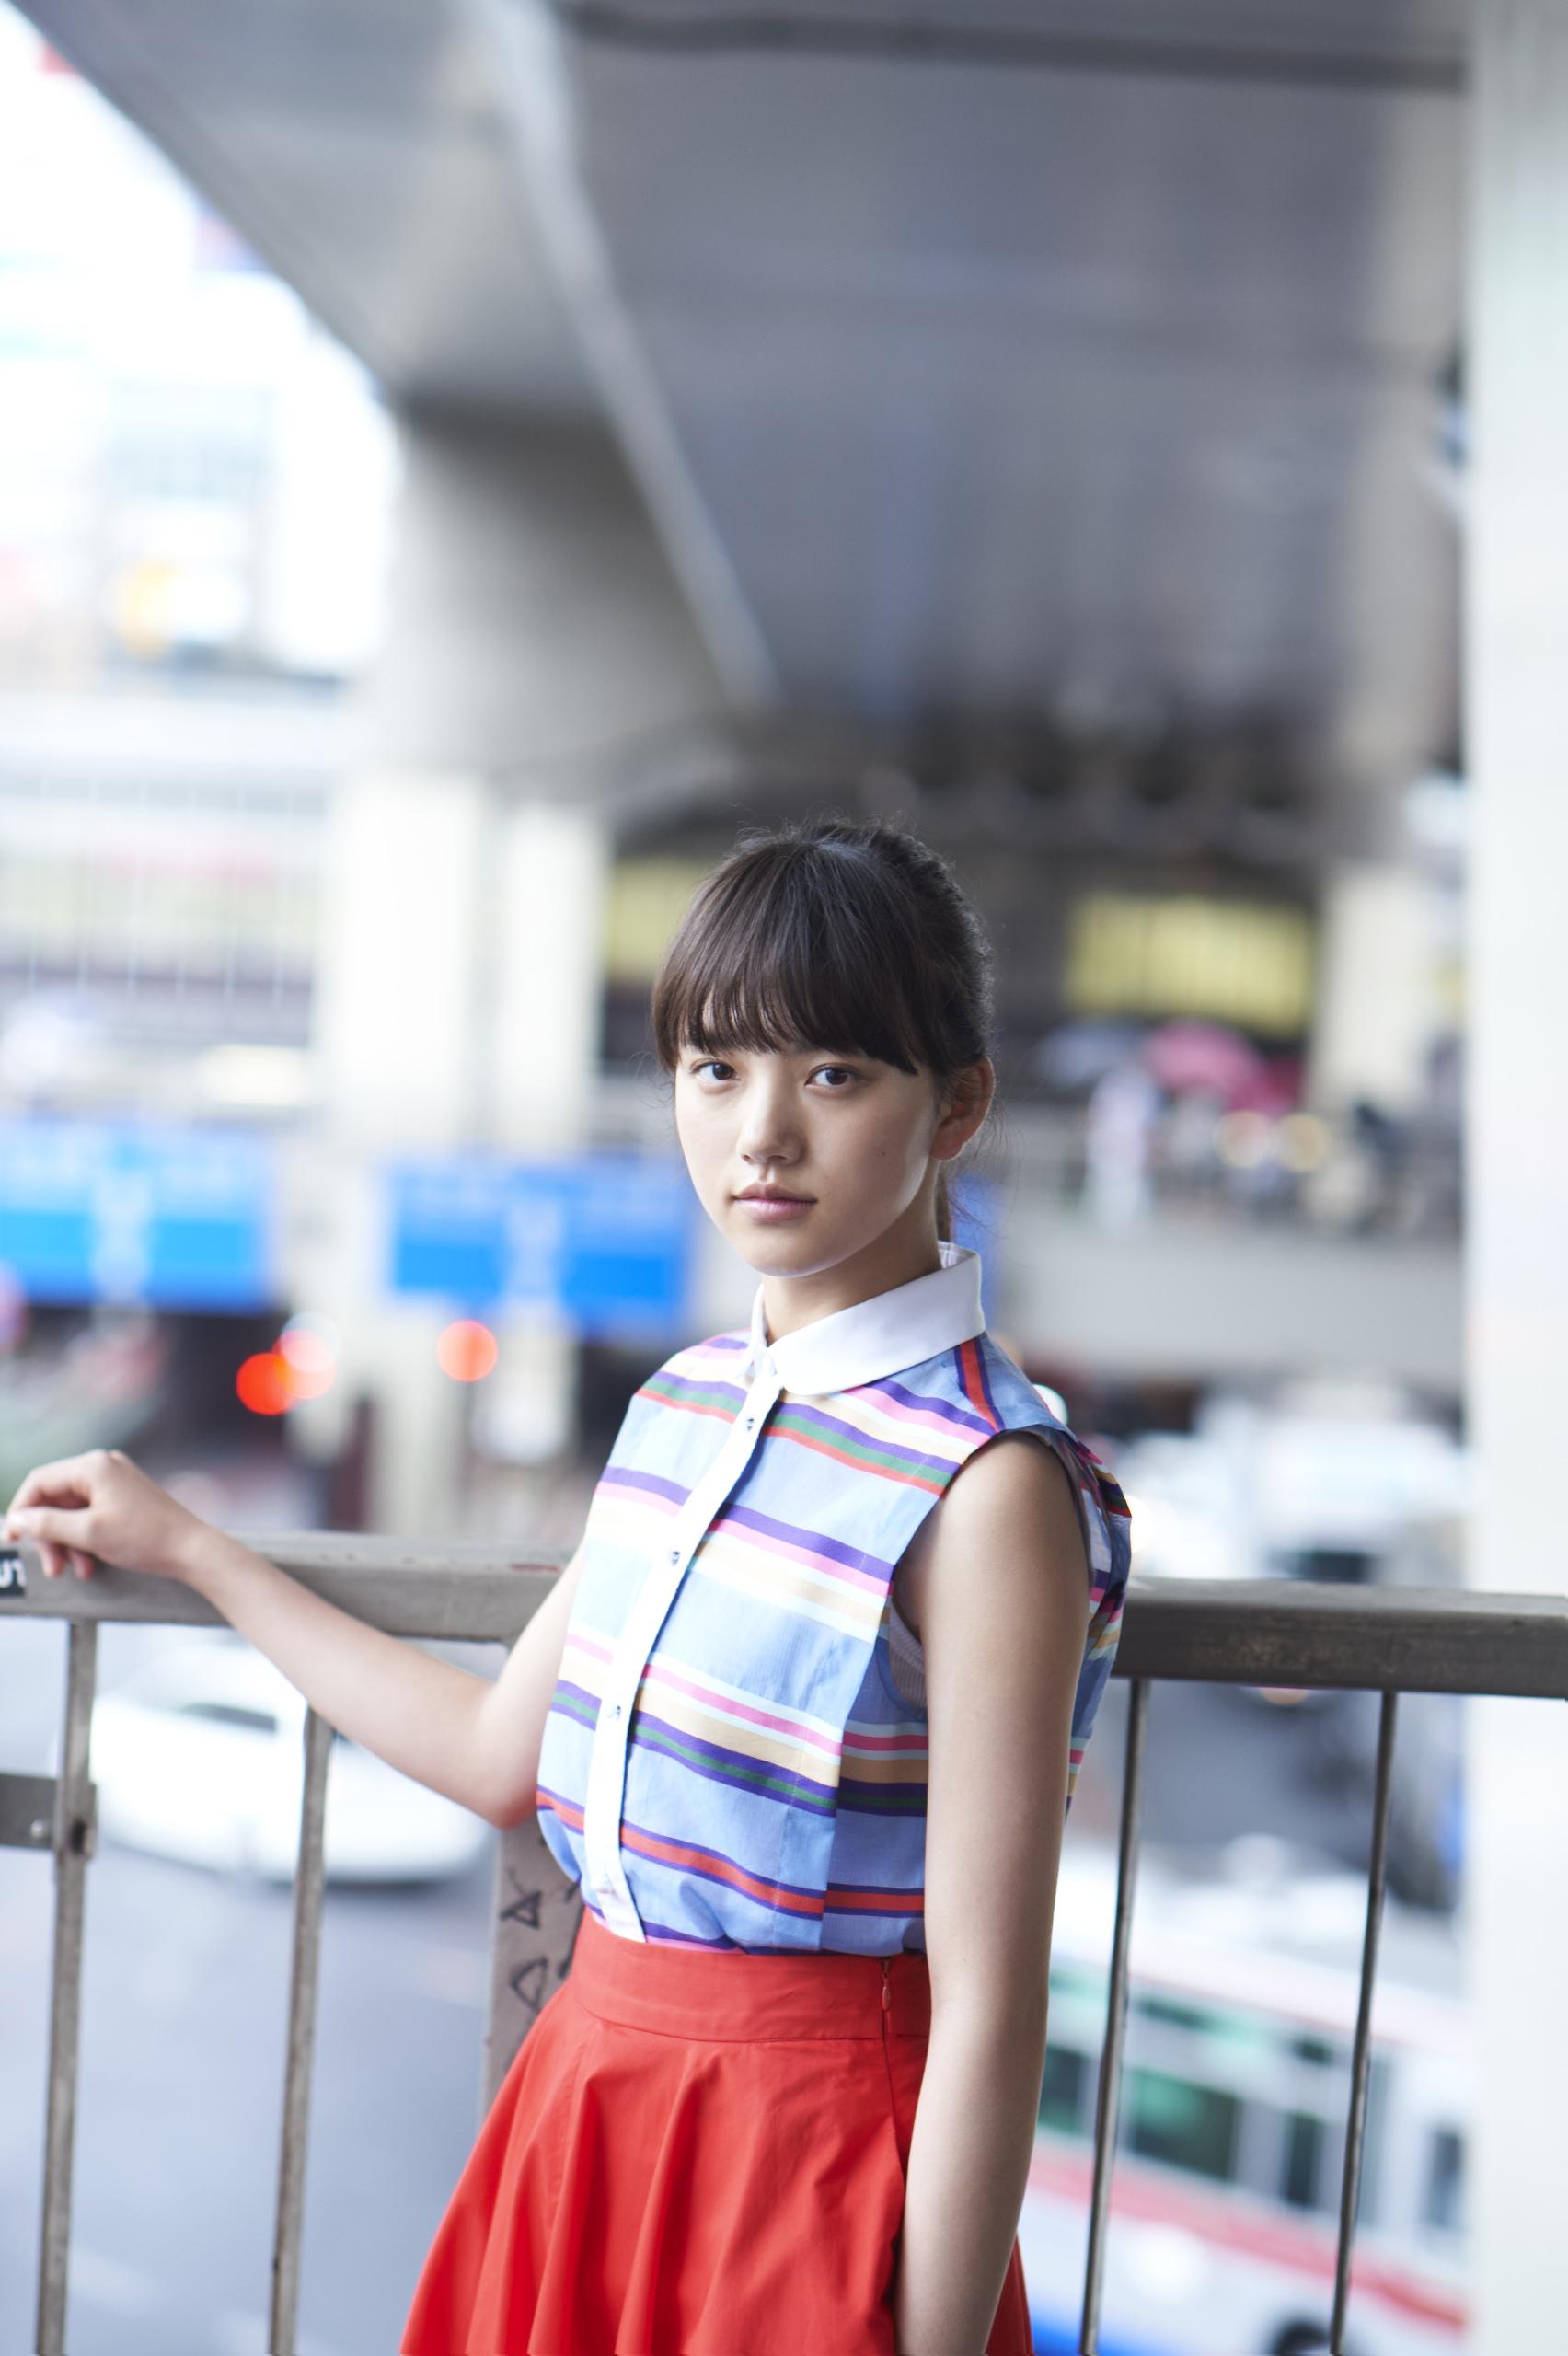 160823_kiyoharakaya1_gravure_toukou